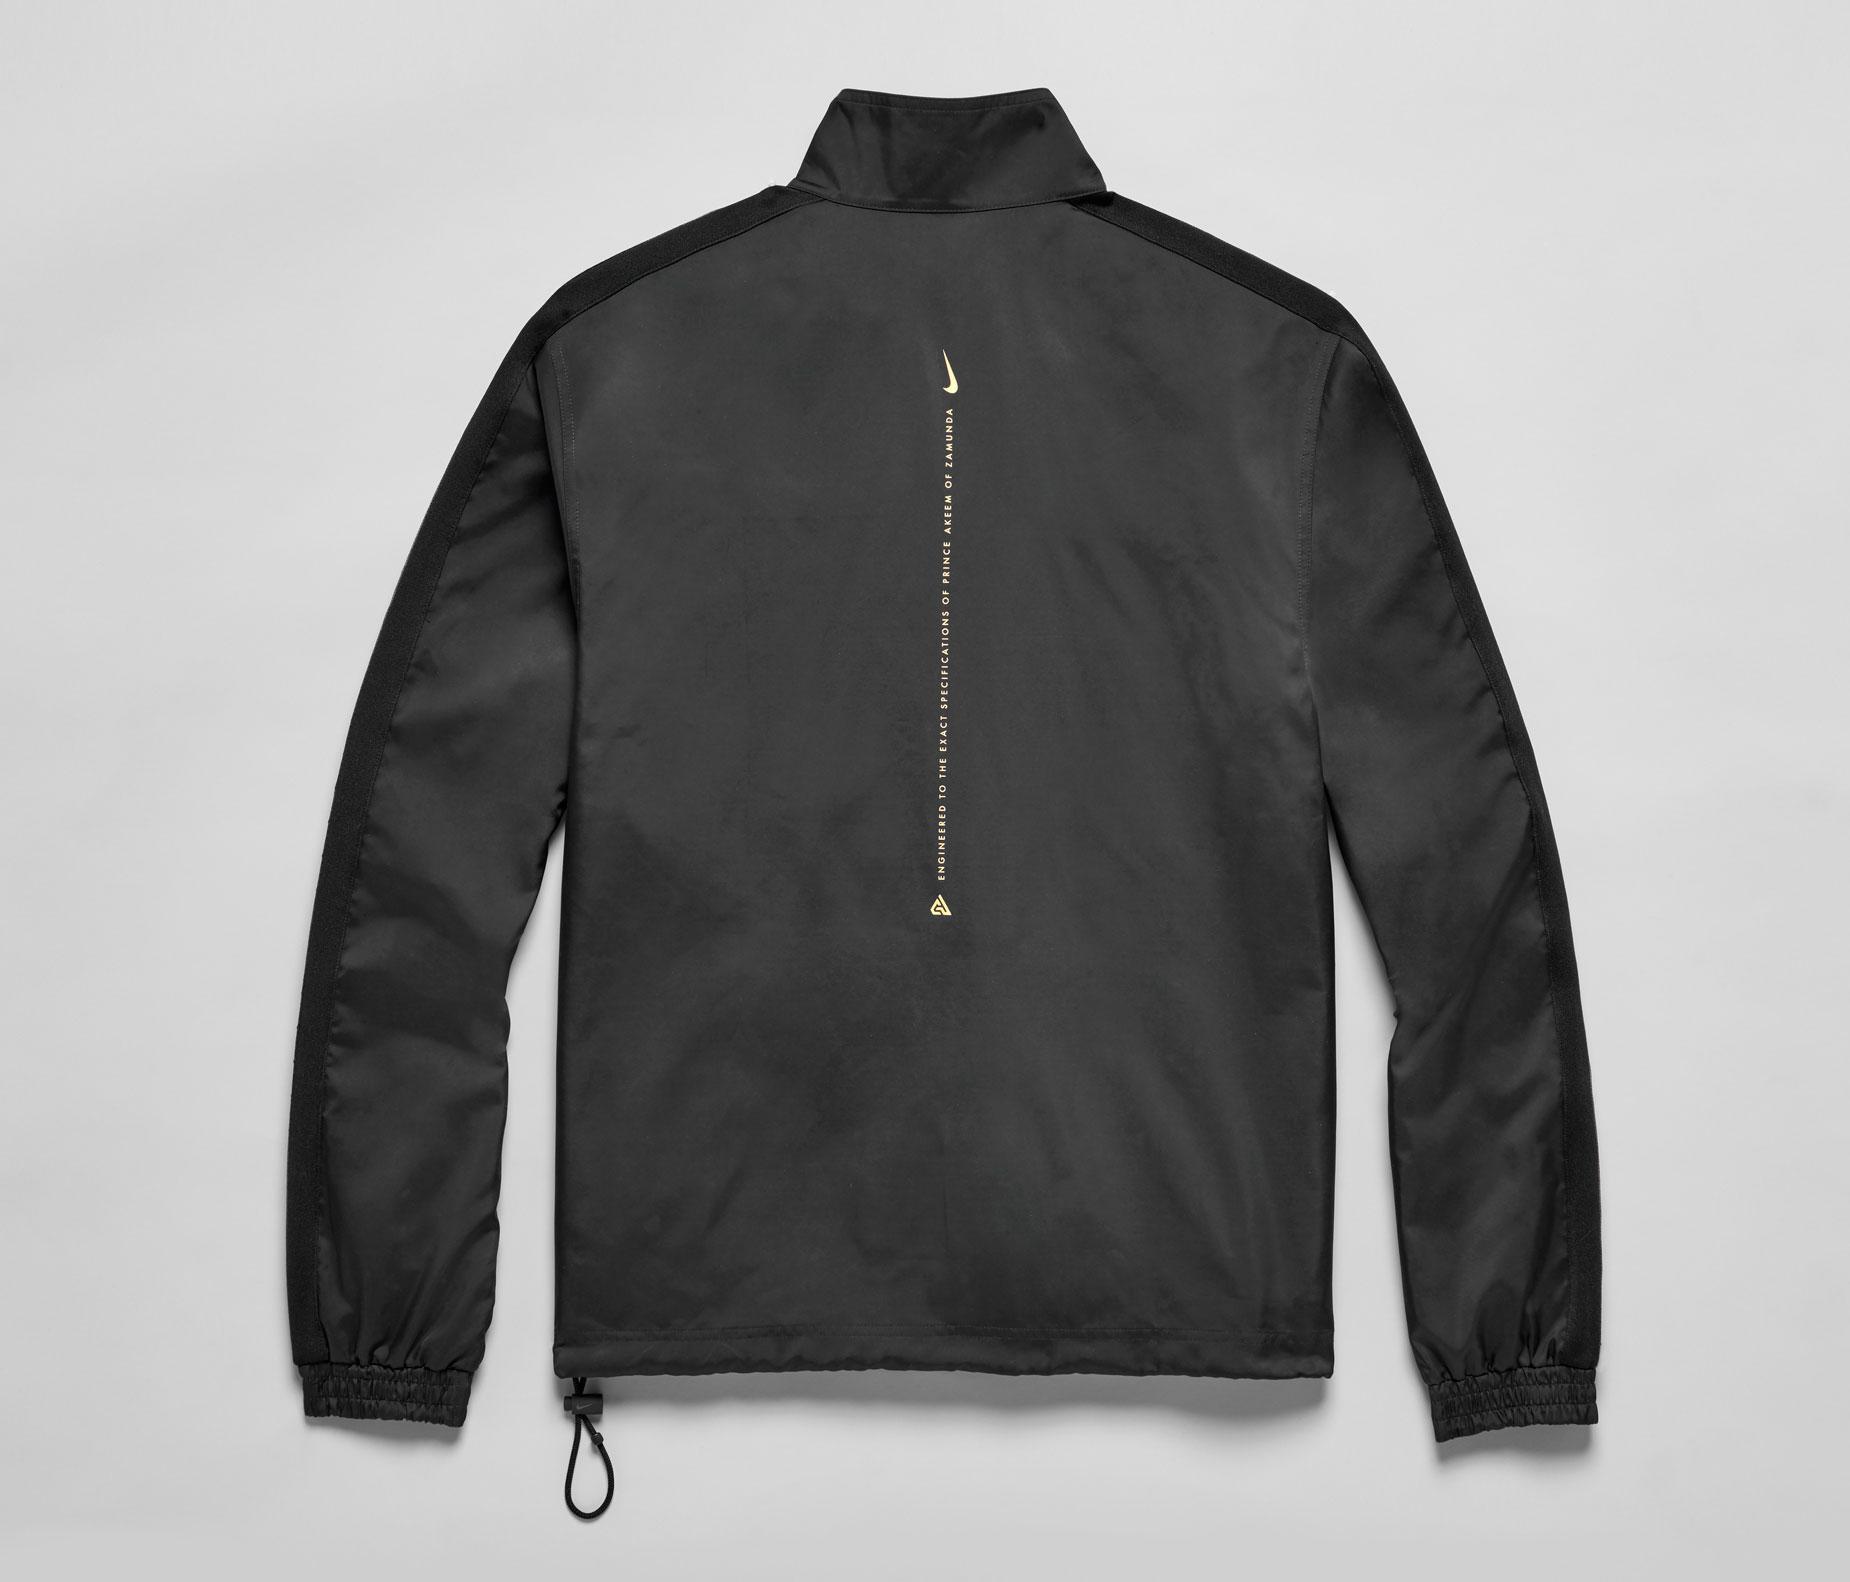 nike-zoom-freak-1-giannis-coming-to-america-jacket-2